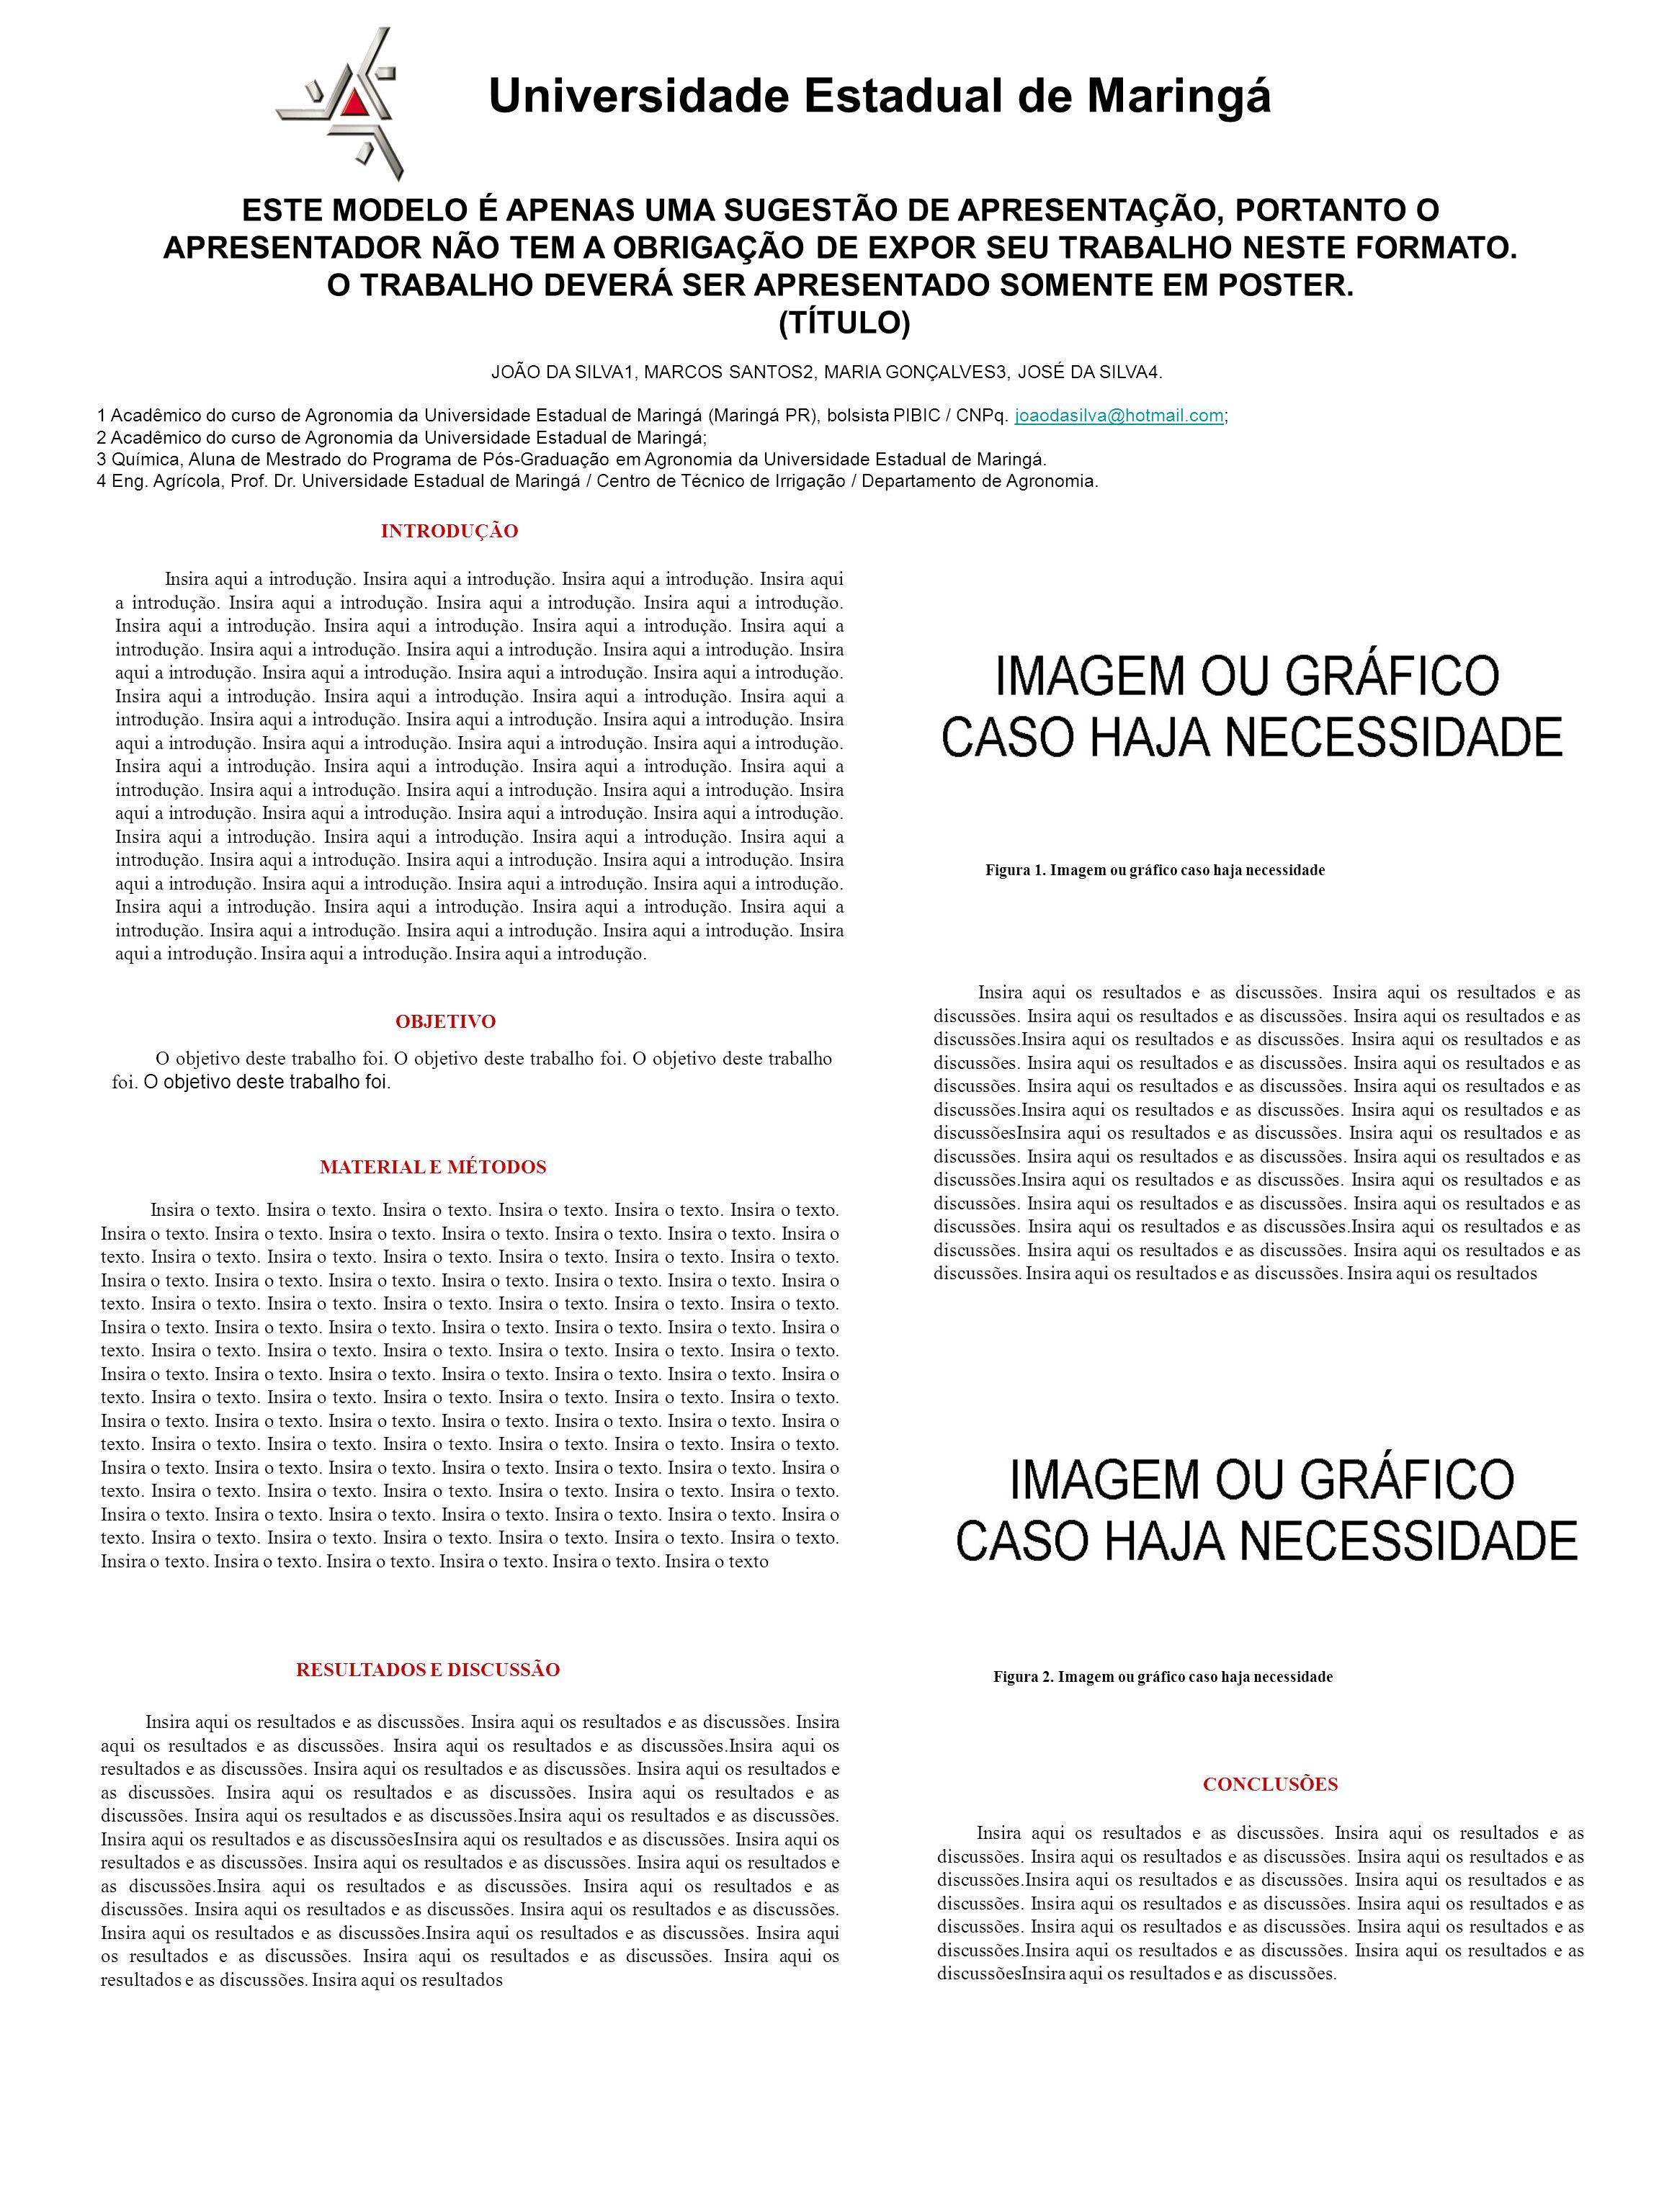 JOÃO DA SILVA1, MARCOS SANTOS2, MARIA GONÇALVES3, JOSÉ DA SILVA4.